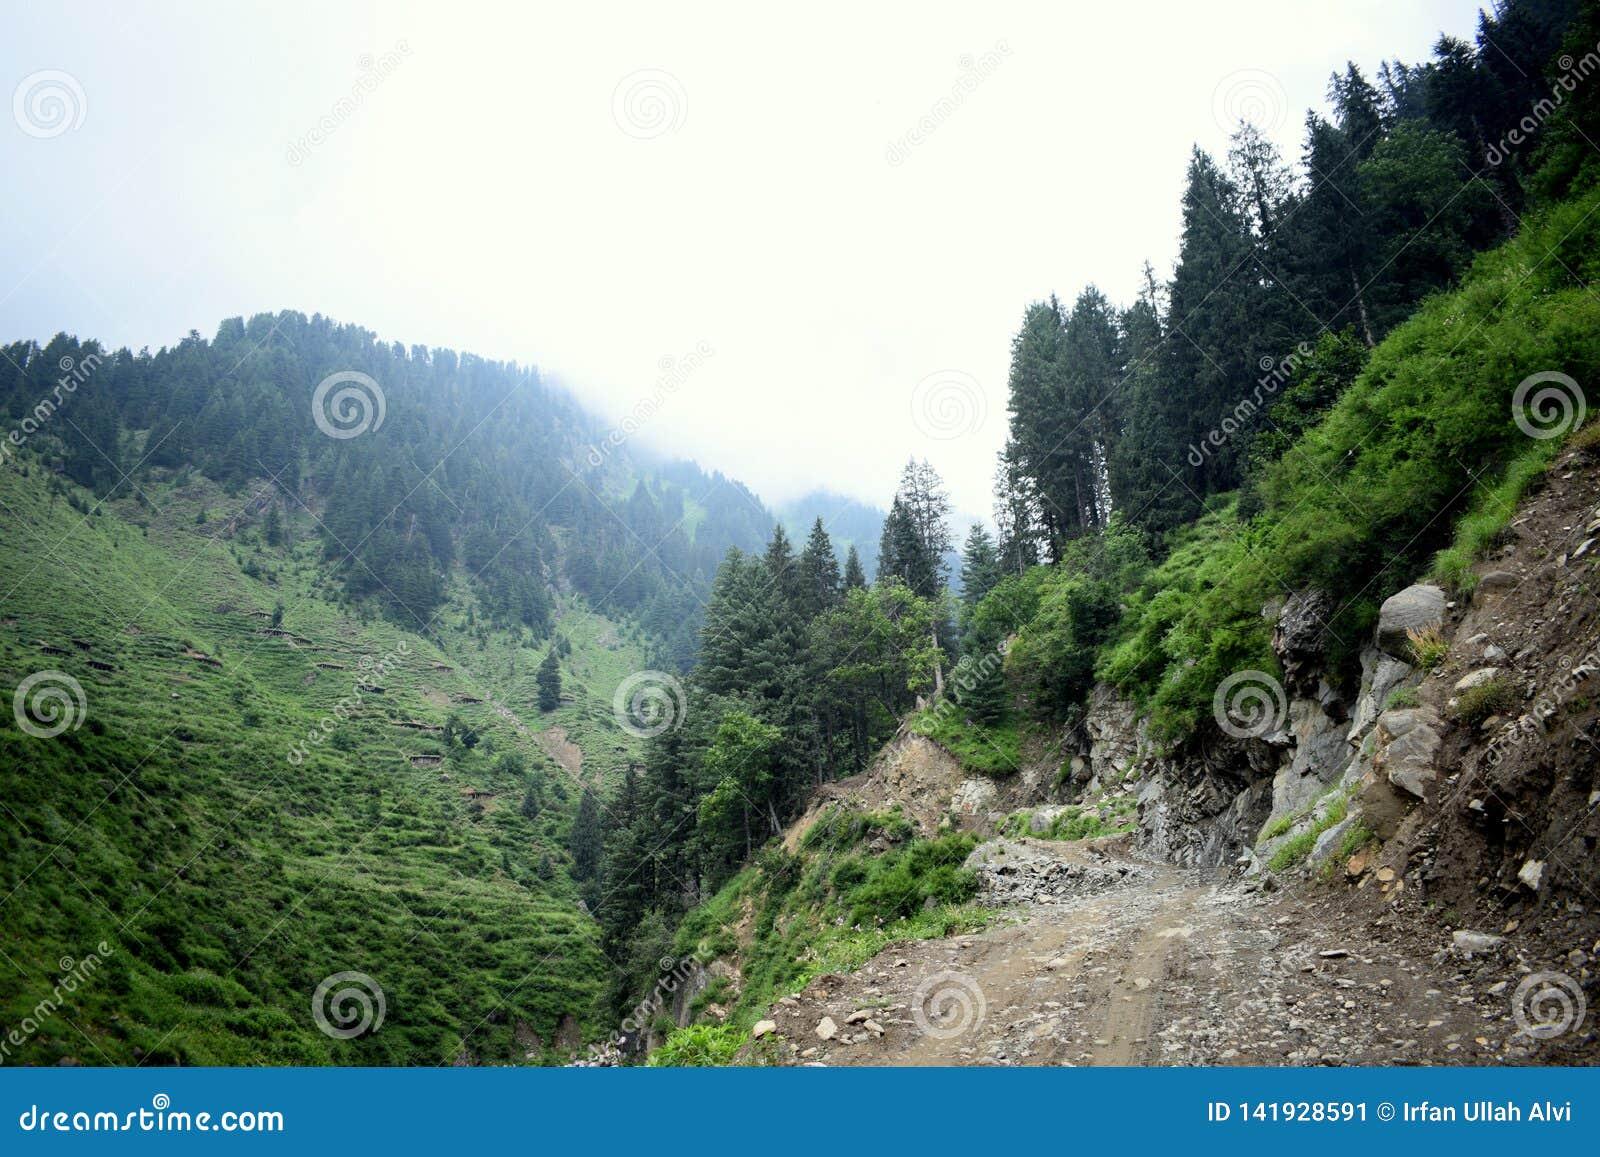 Berge bedeckten grünes Gras, schönen Weg, grüne Bäume und blauen bewölkten Himmel